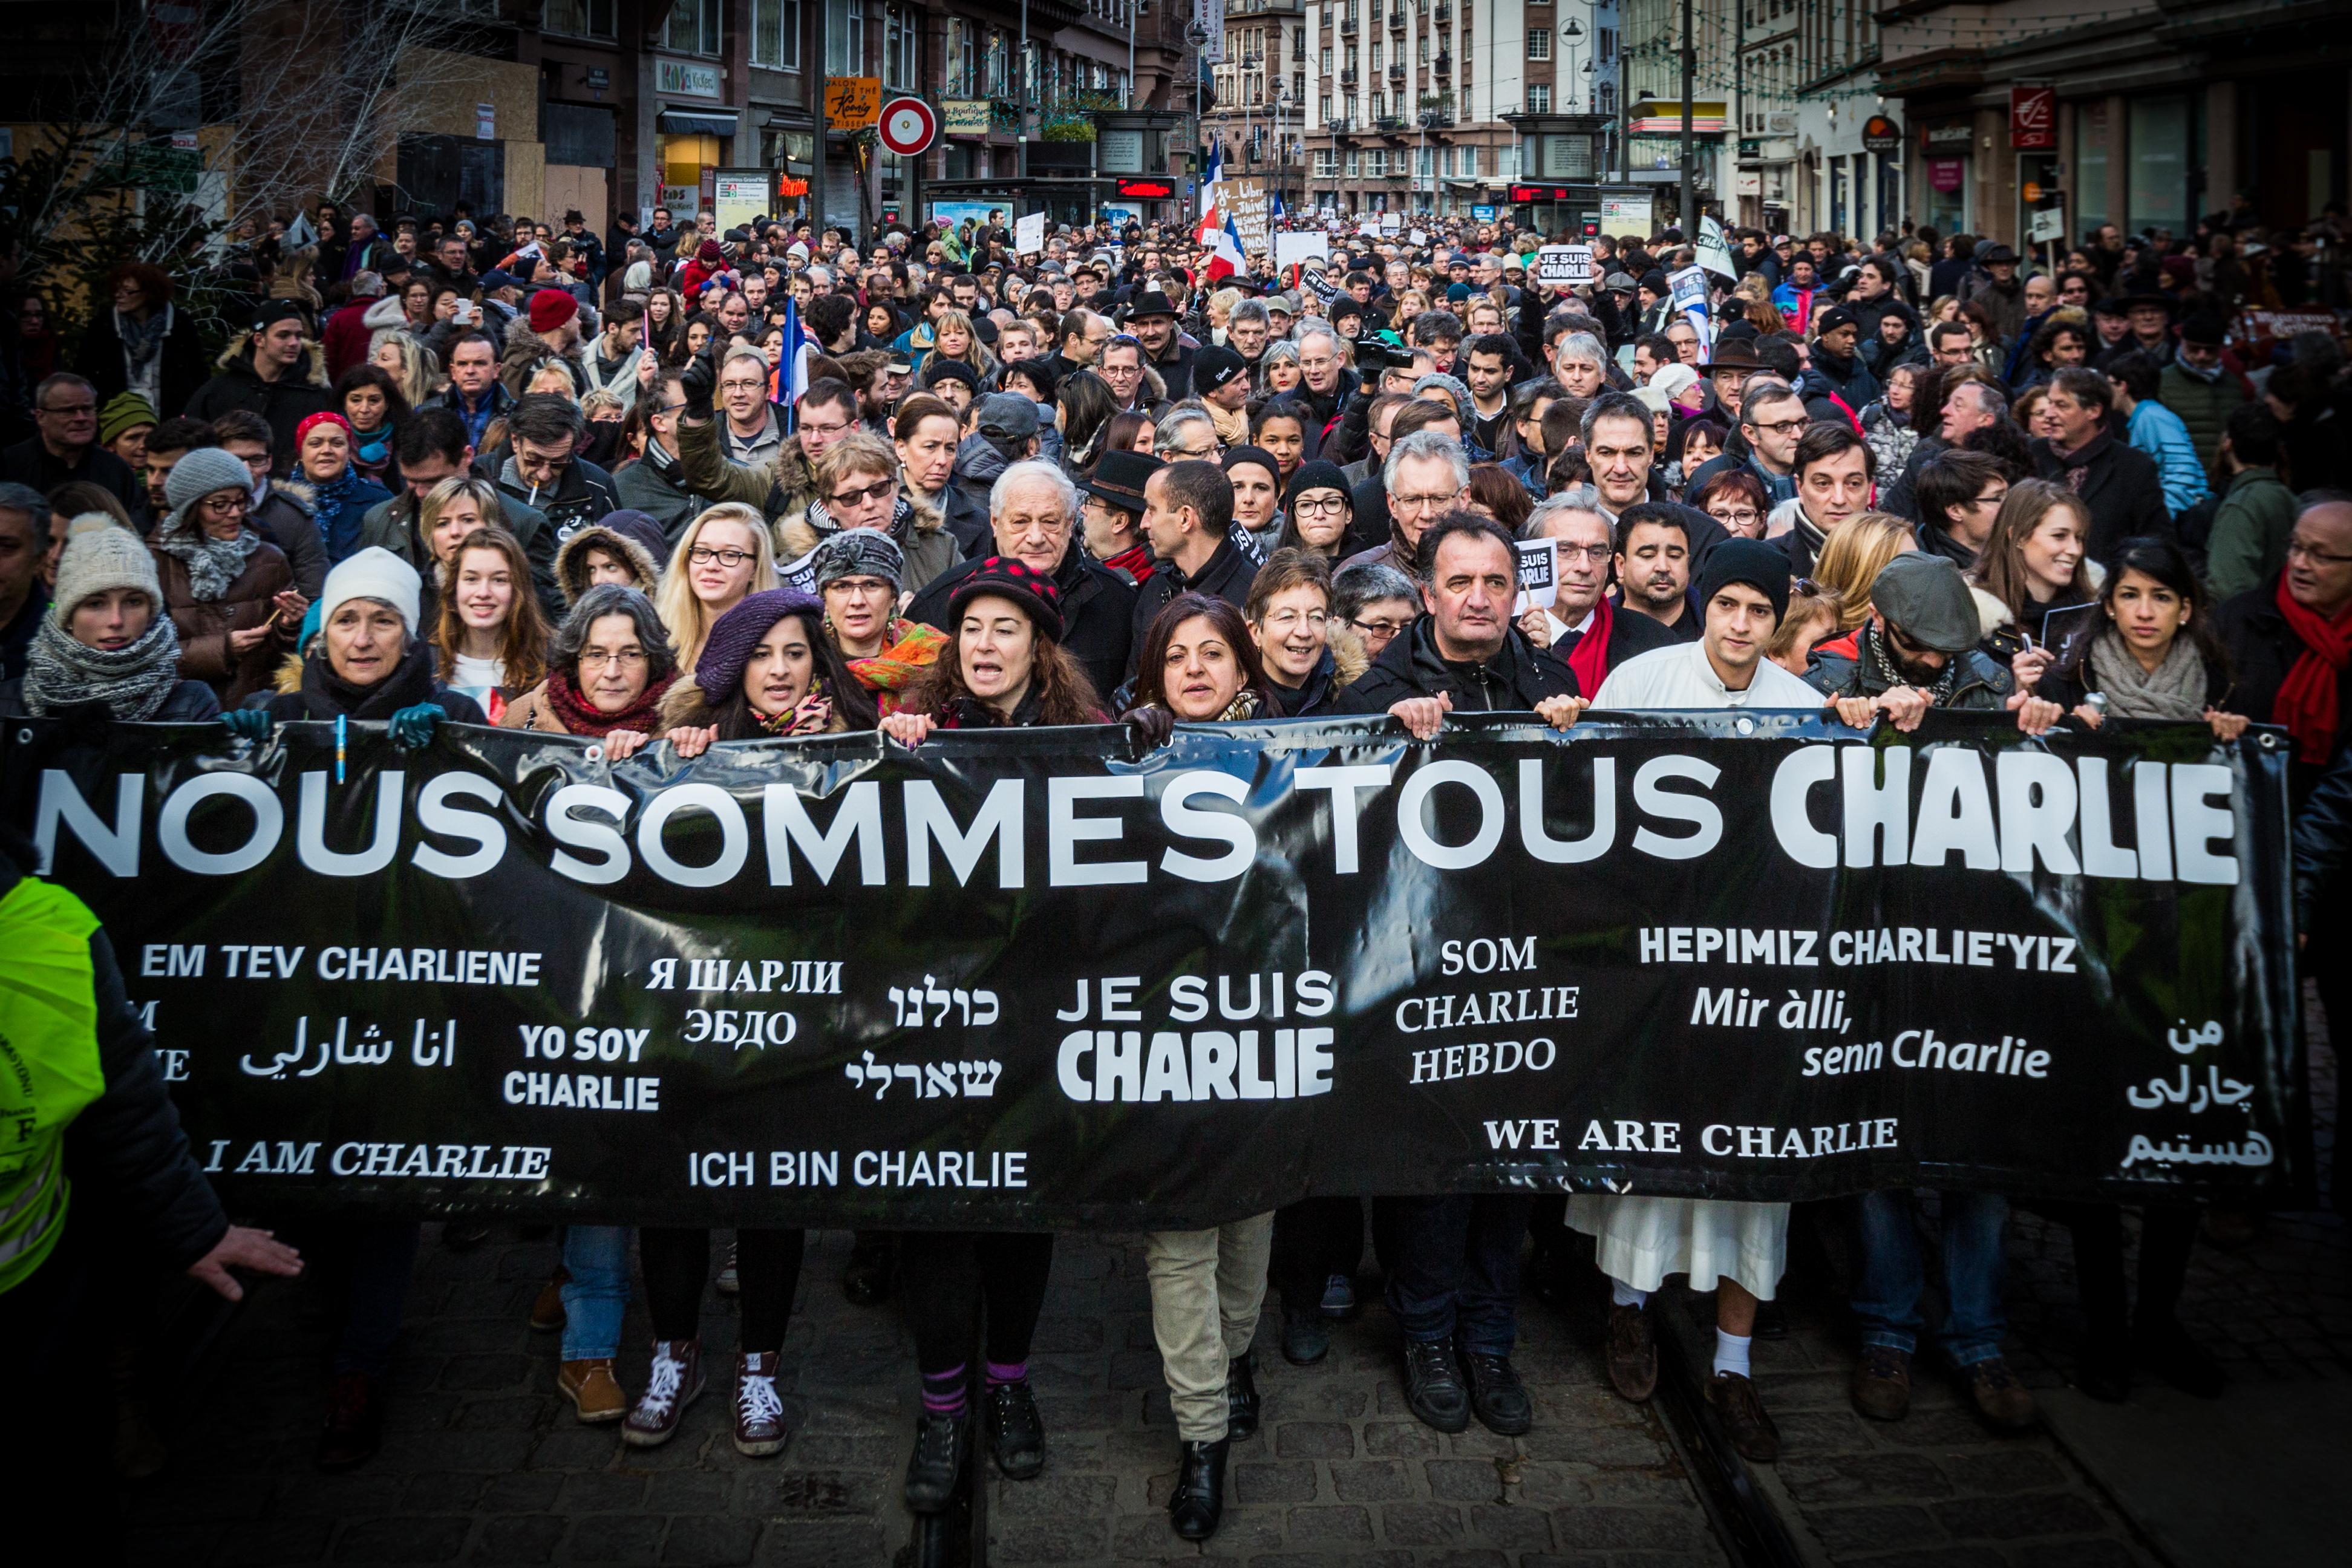 Strasbourg_manifestation_Charlie_Hebdo_11_janvier_2015-2.jpg